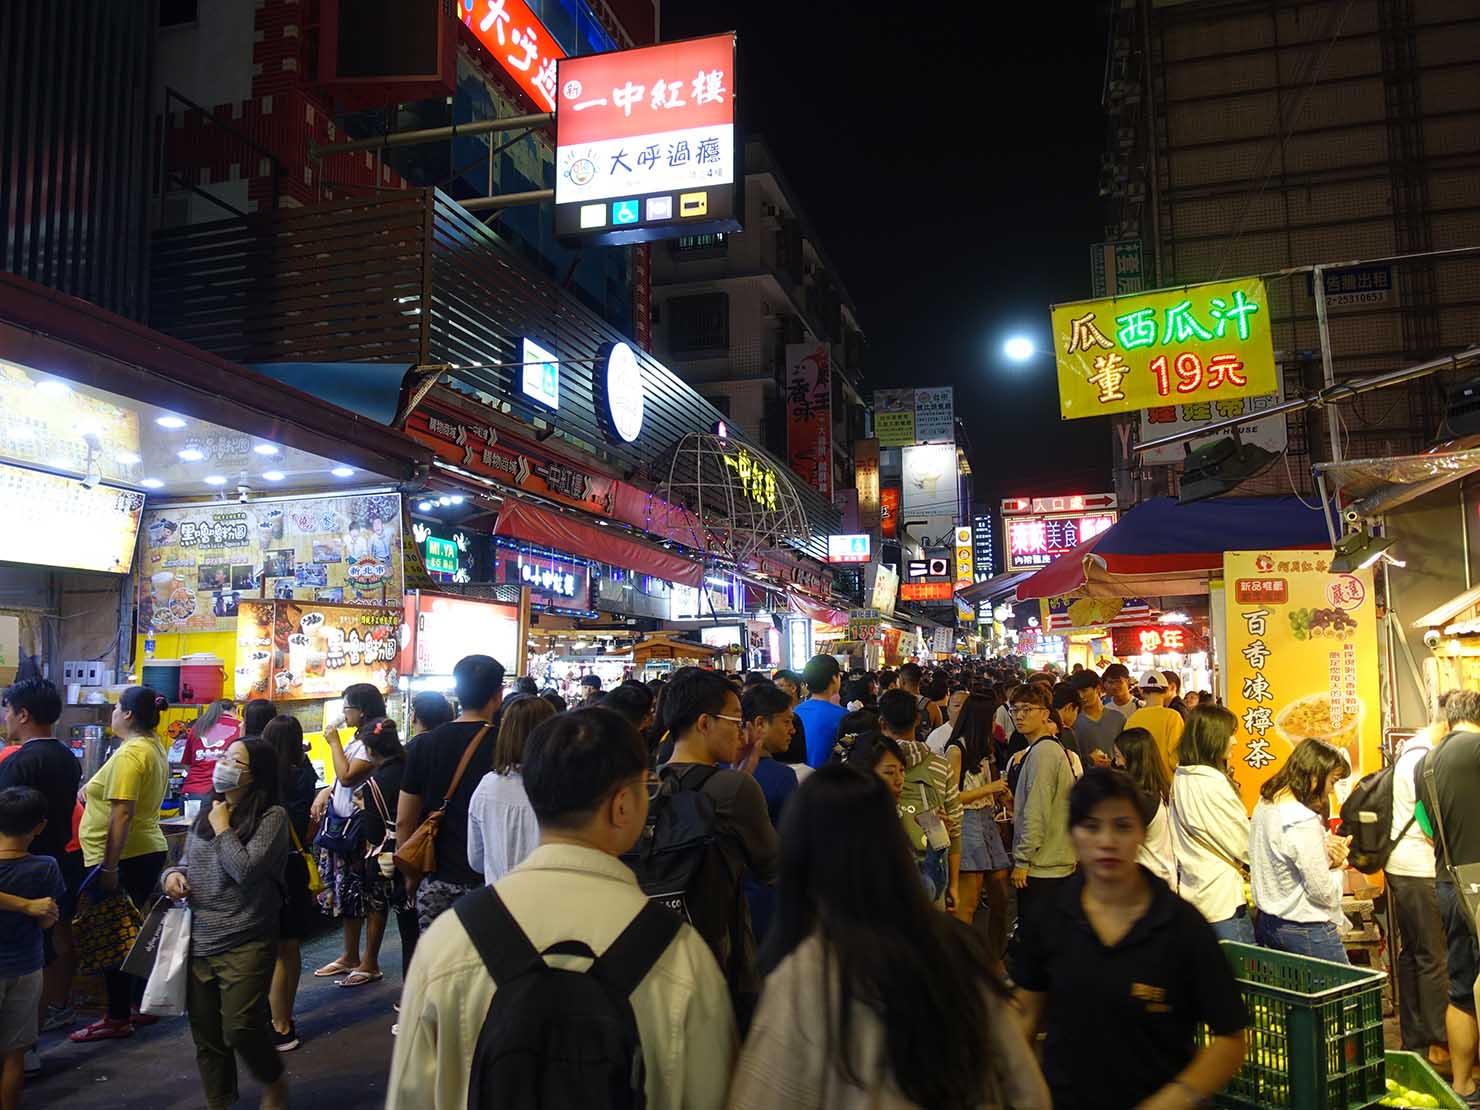 台中観光のおすすめスポット「一中街」に並ぶ看板たち